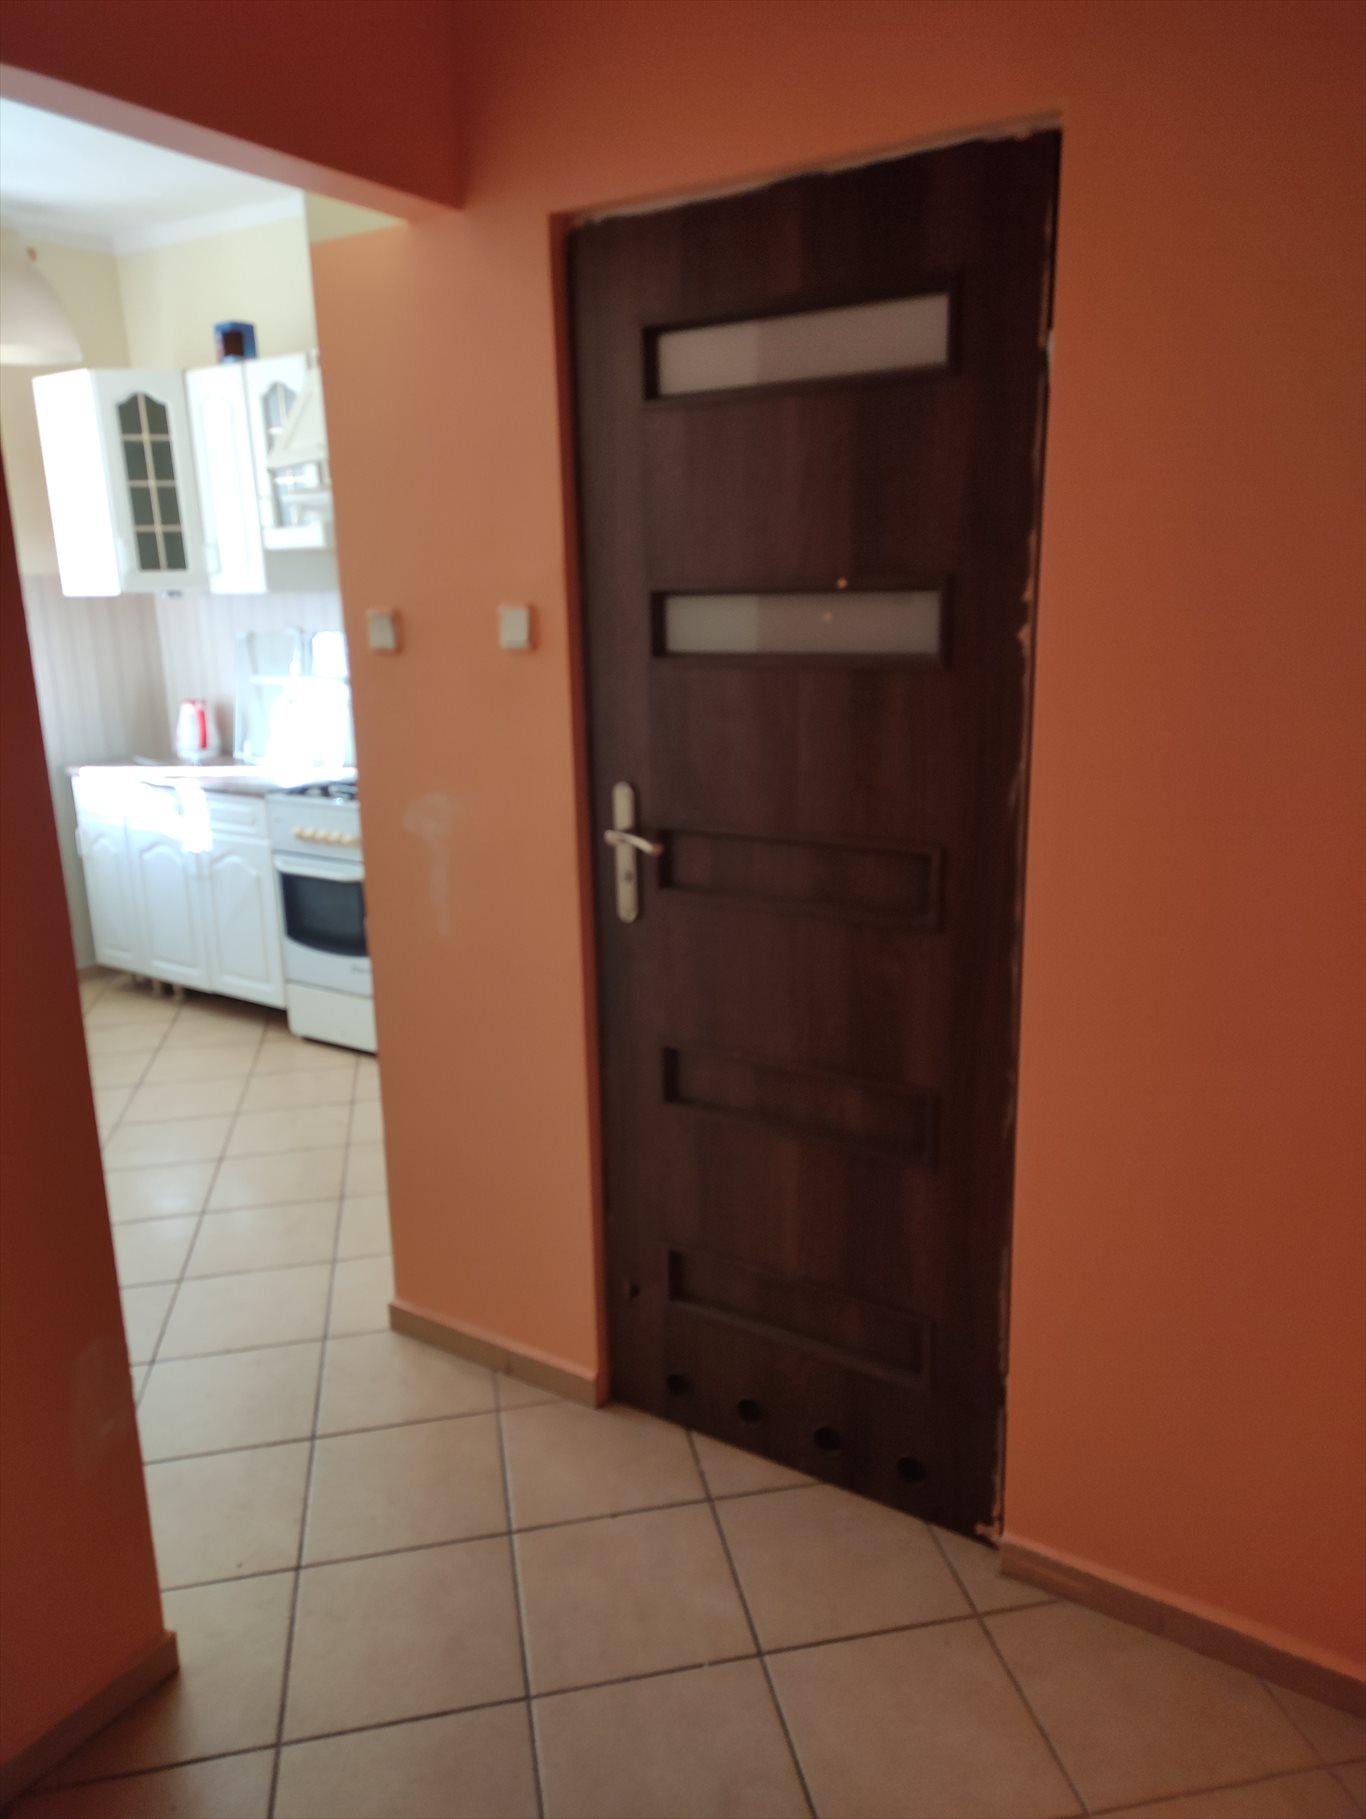 Mieszkanie dwupokojowe na wynajem Katowice, Koszutka, Michała Grażyńskiego  37m2 Foto 2